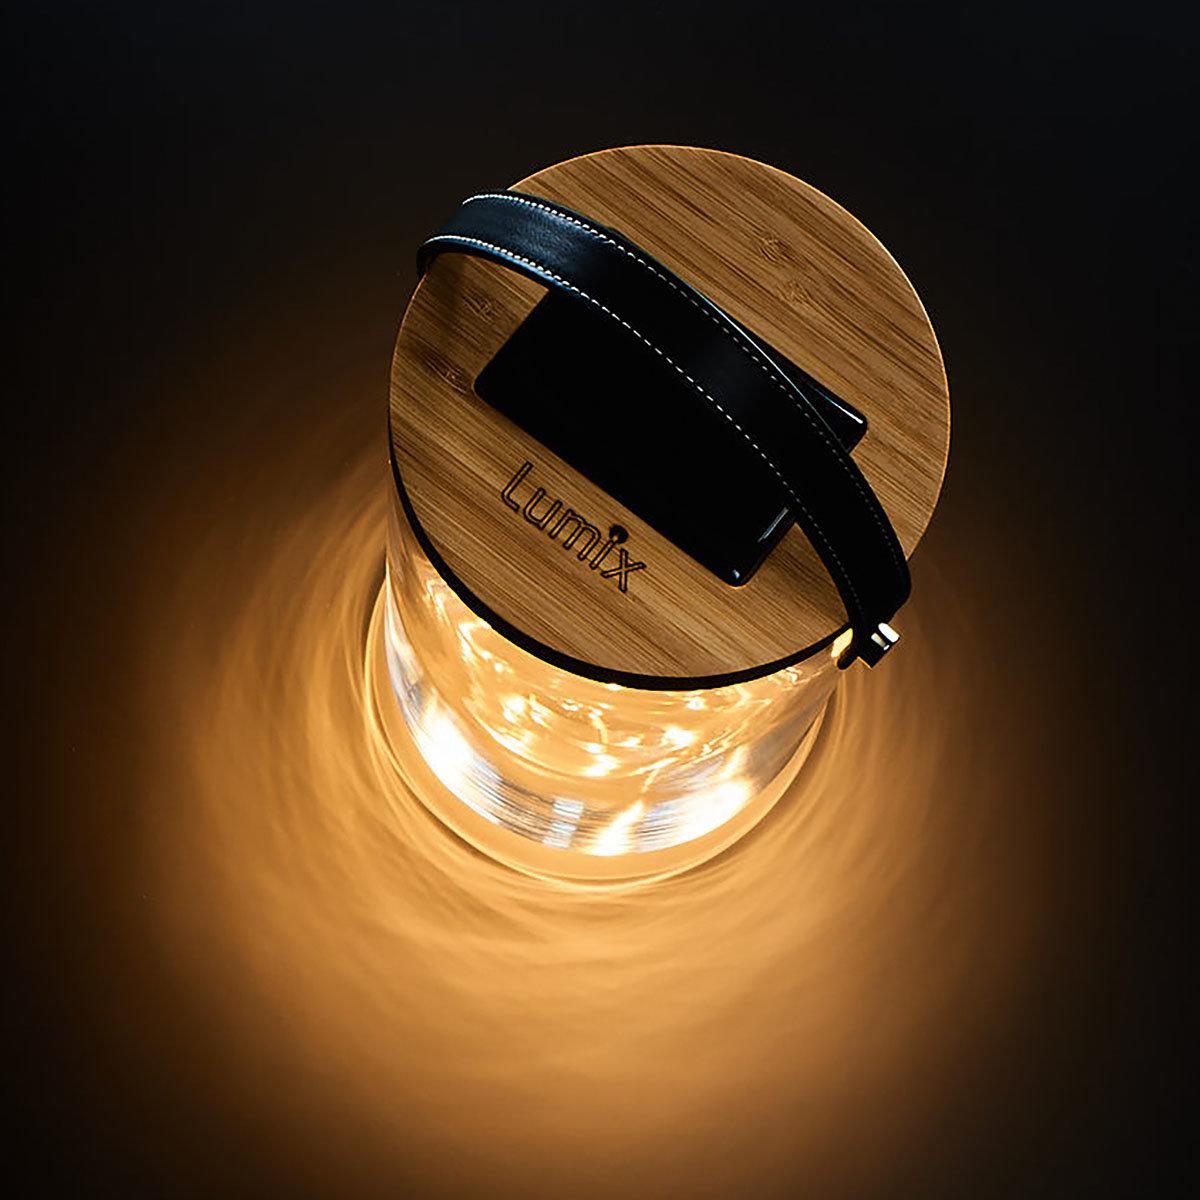 Deko Glas Long, 25,5 cm, Glas, Bambus, klar | #4